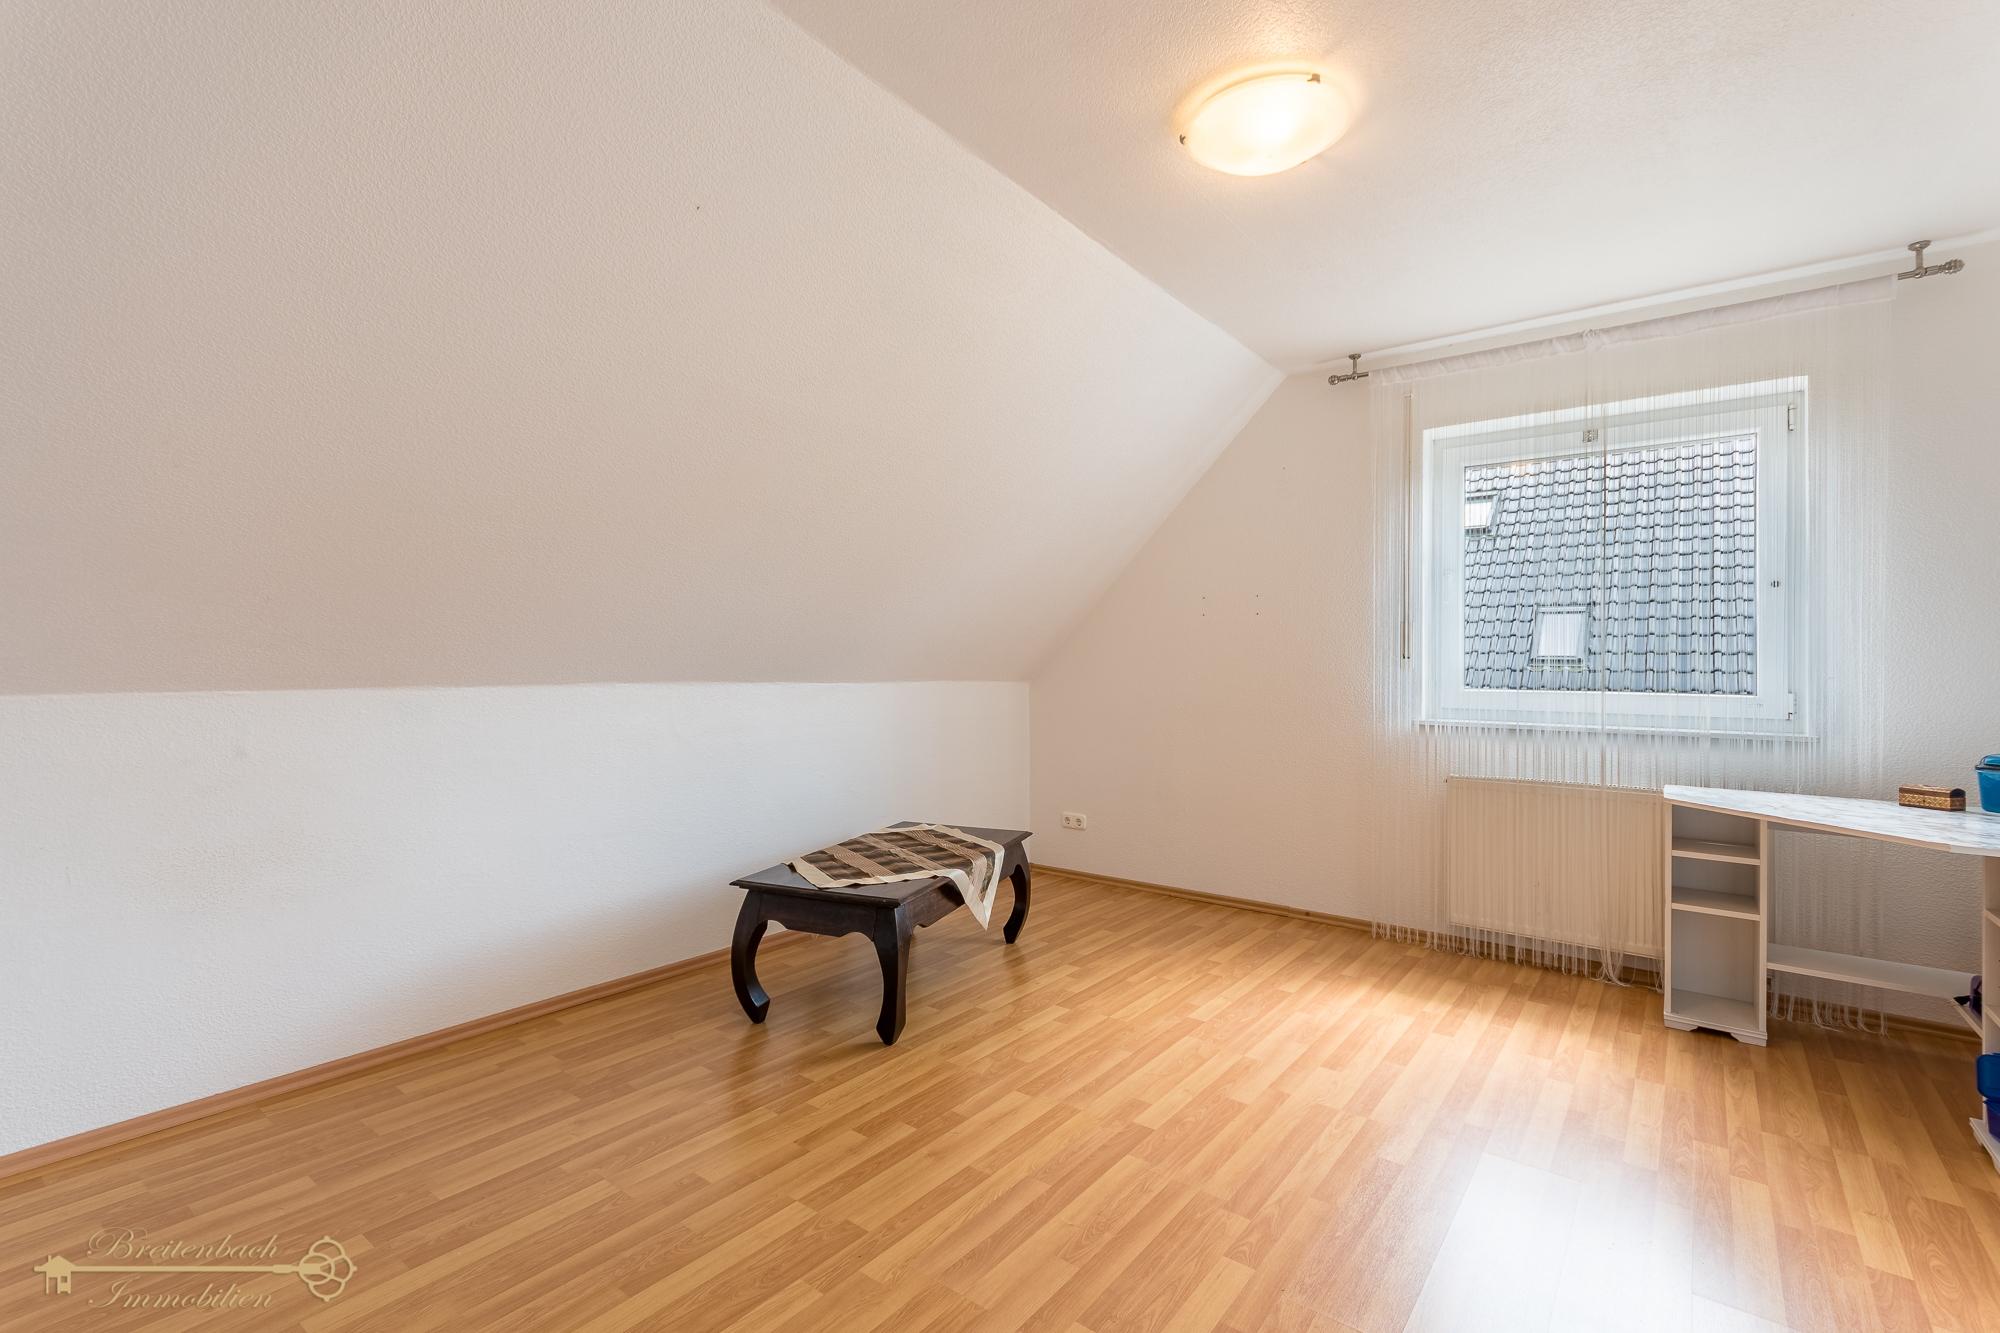 2020-08-01-Breitenbach-Immobilien-18